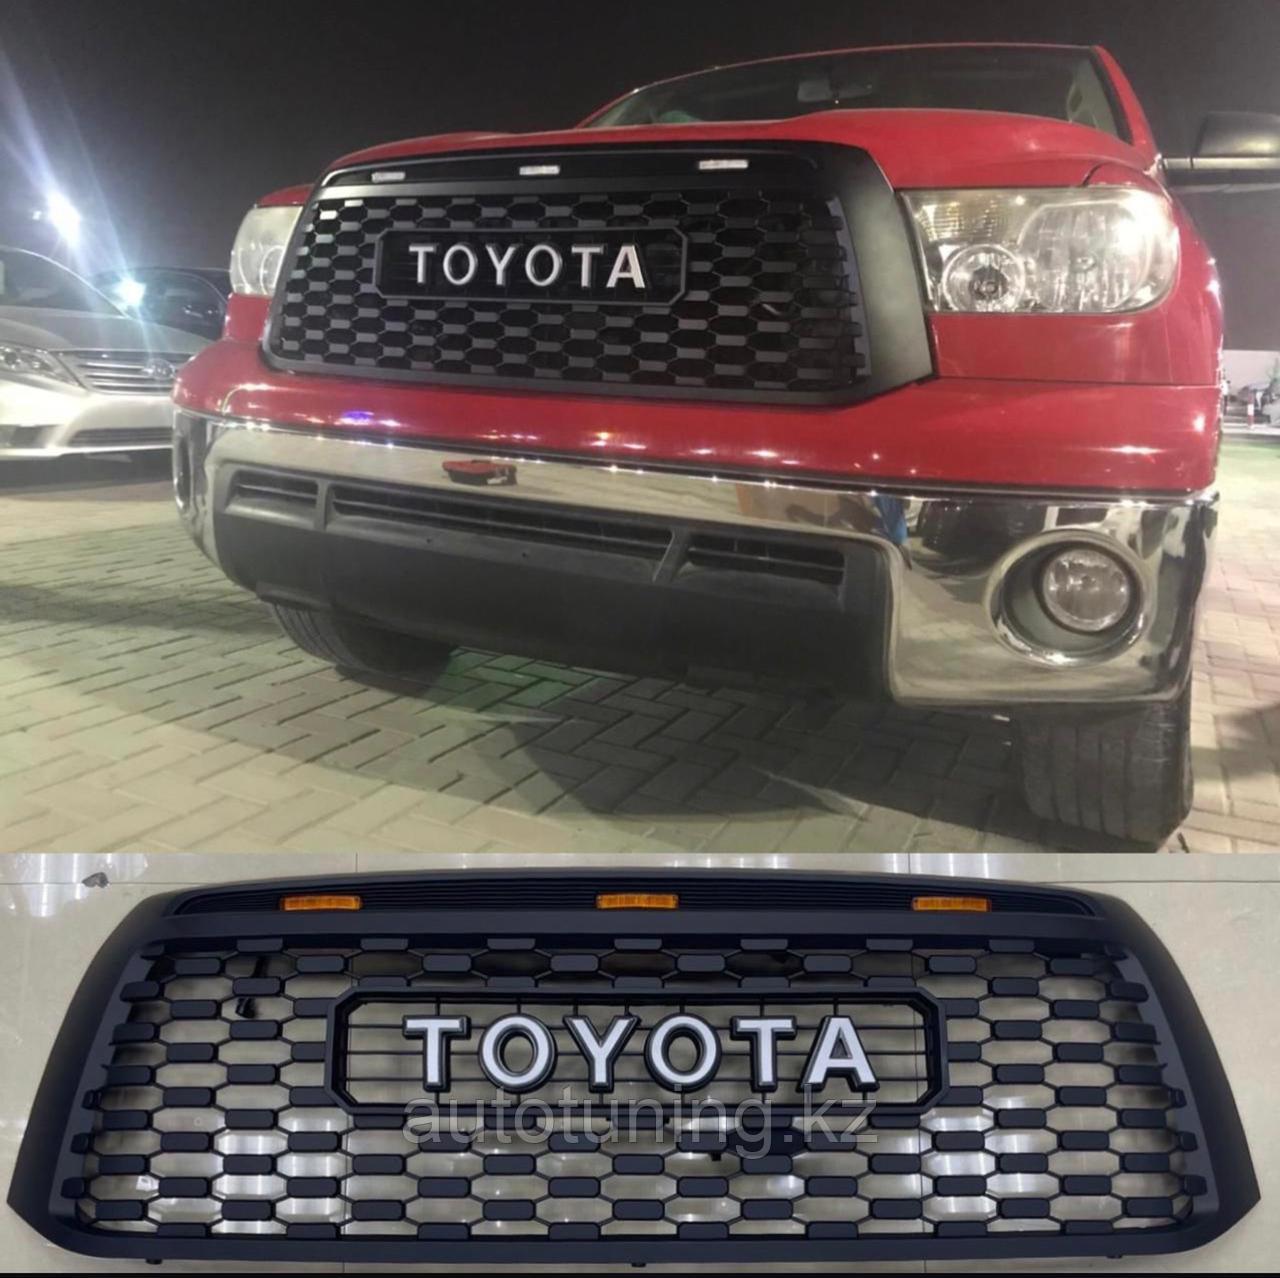 Решетка радиатора на Toyota Tundra 2007-2013 г.в. с надписью TOYOTA